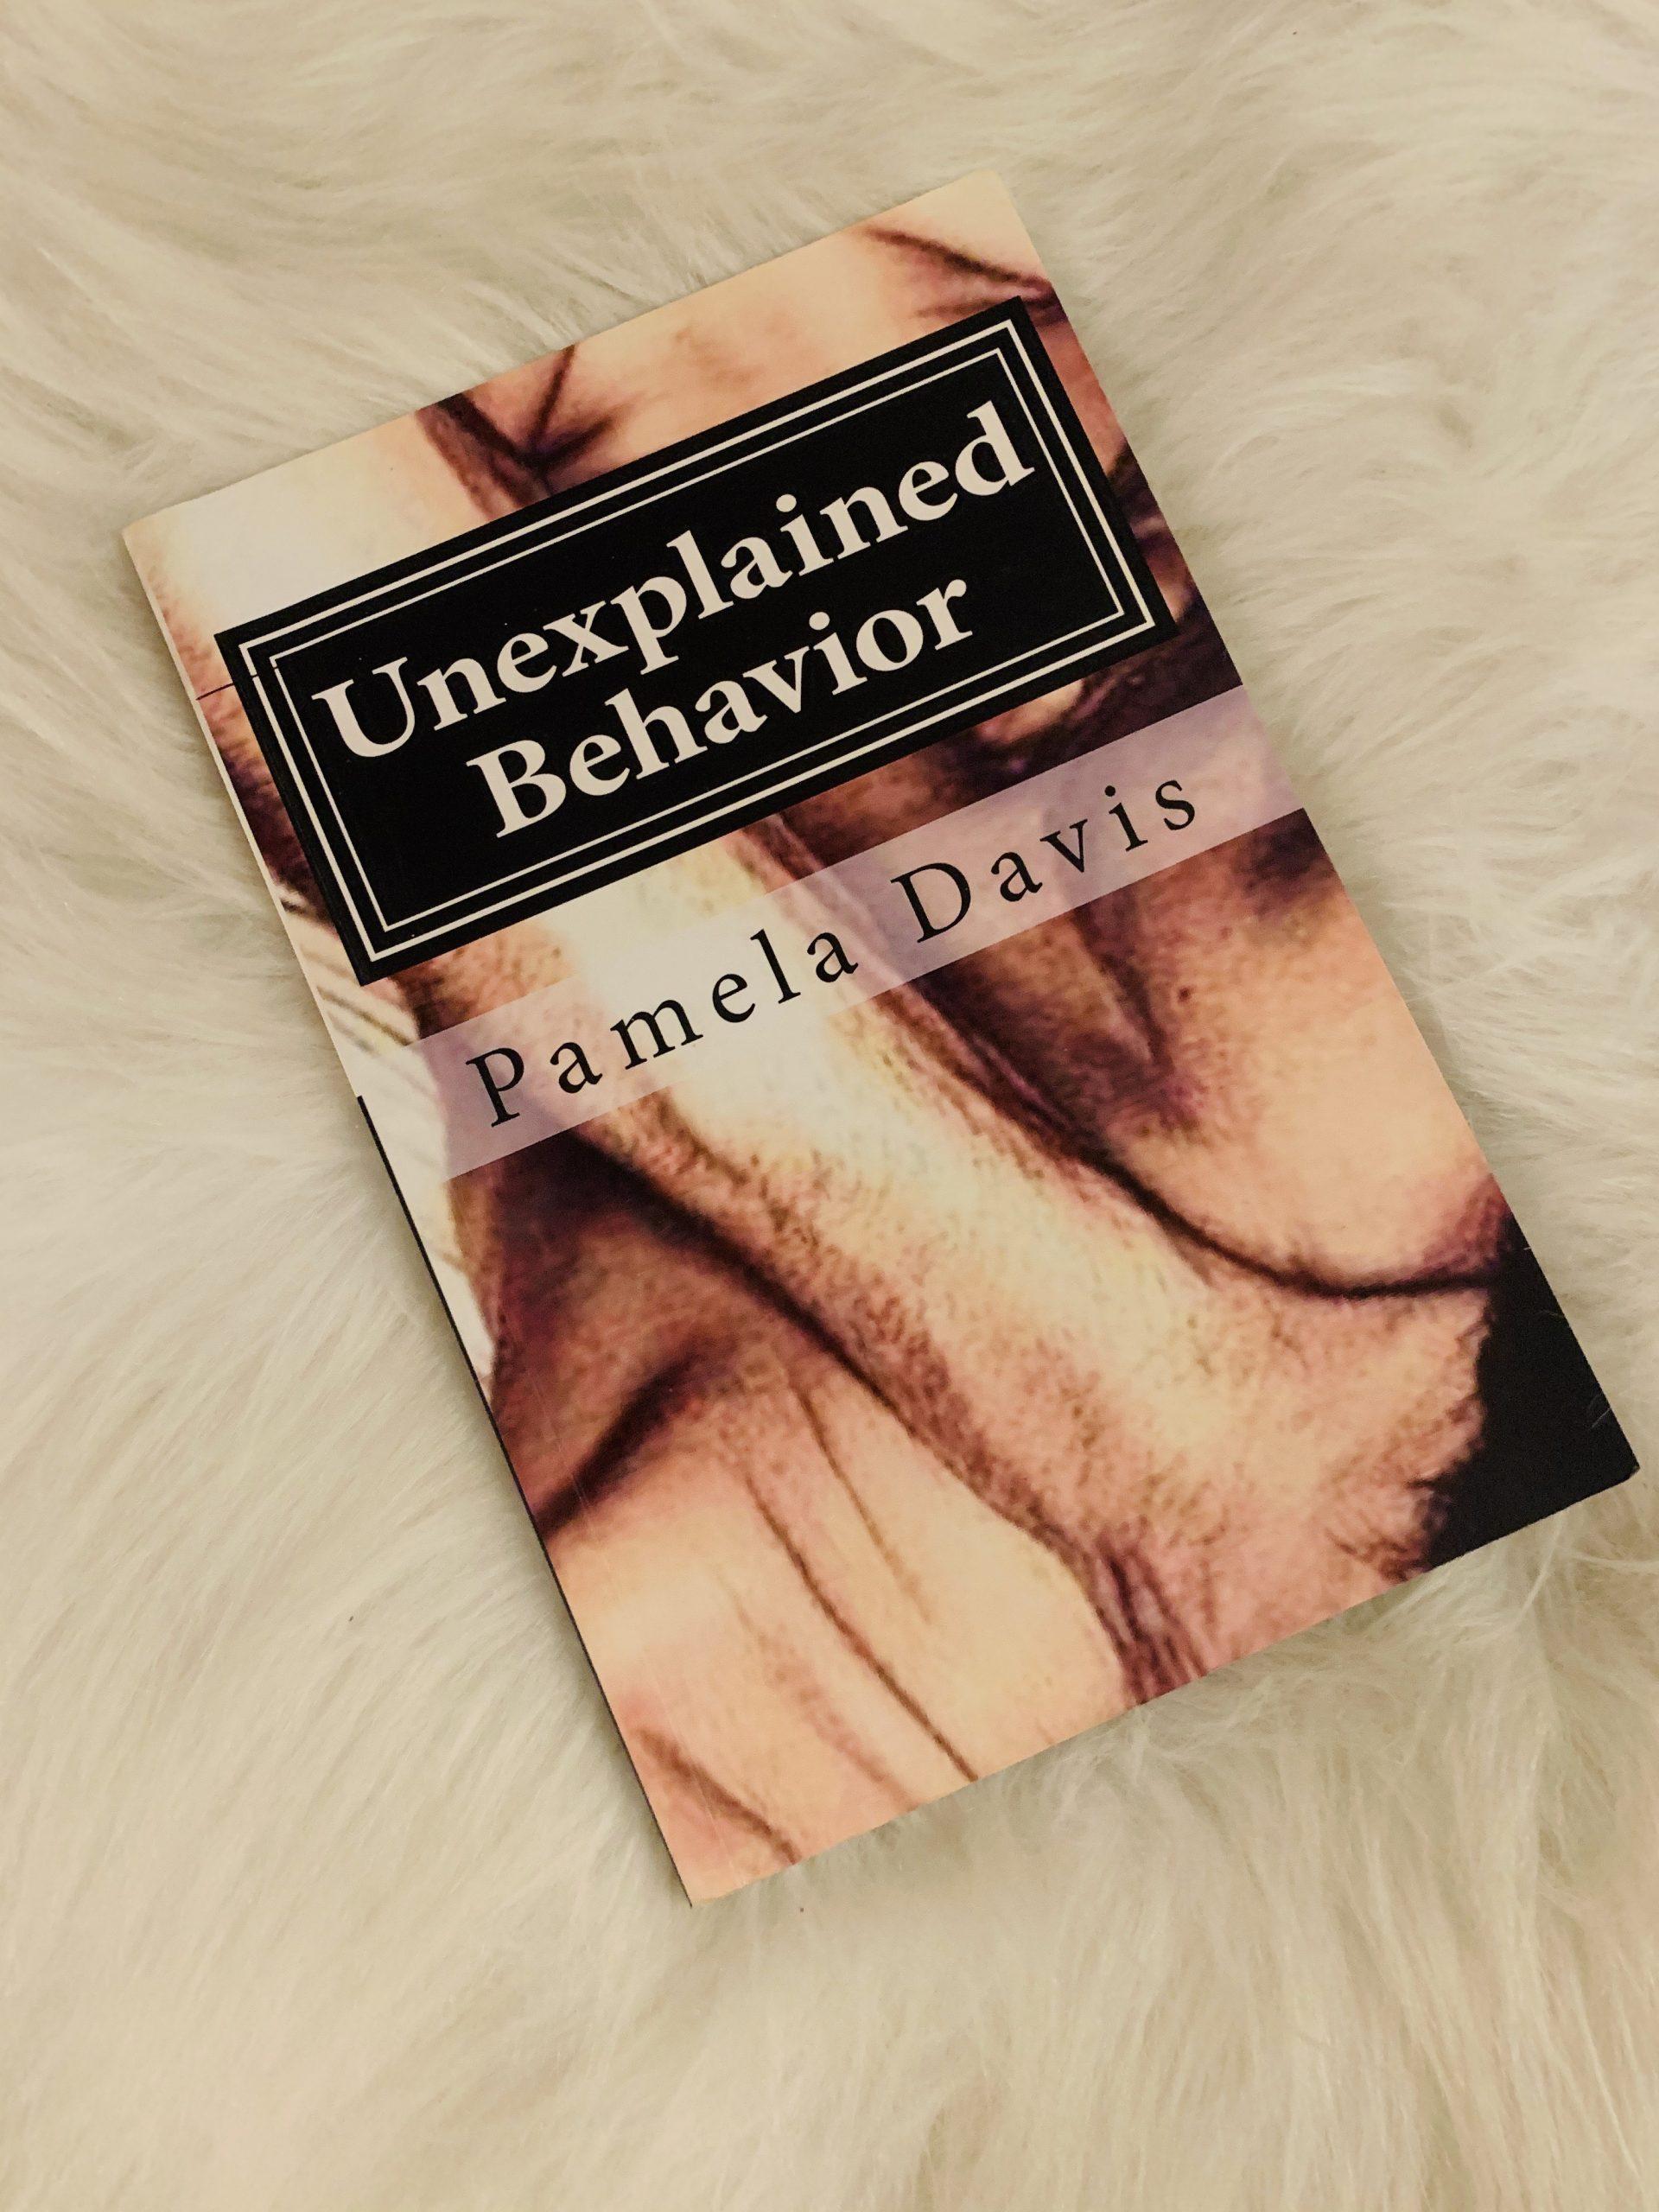 Unexplained Behavior By Pamela Davis